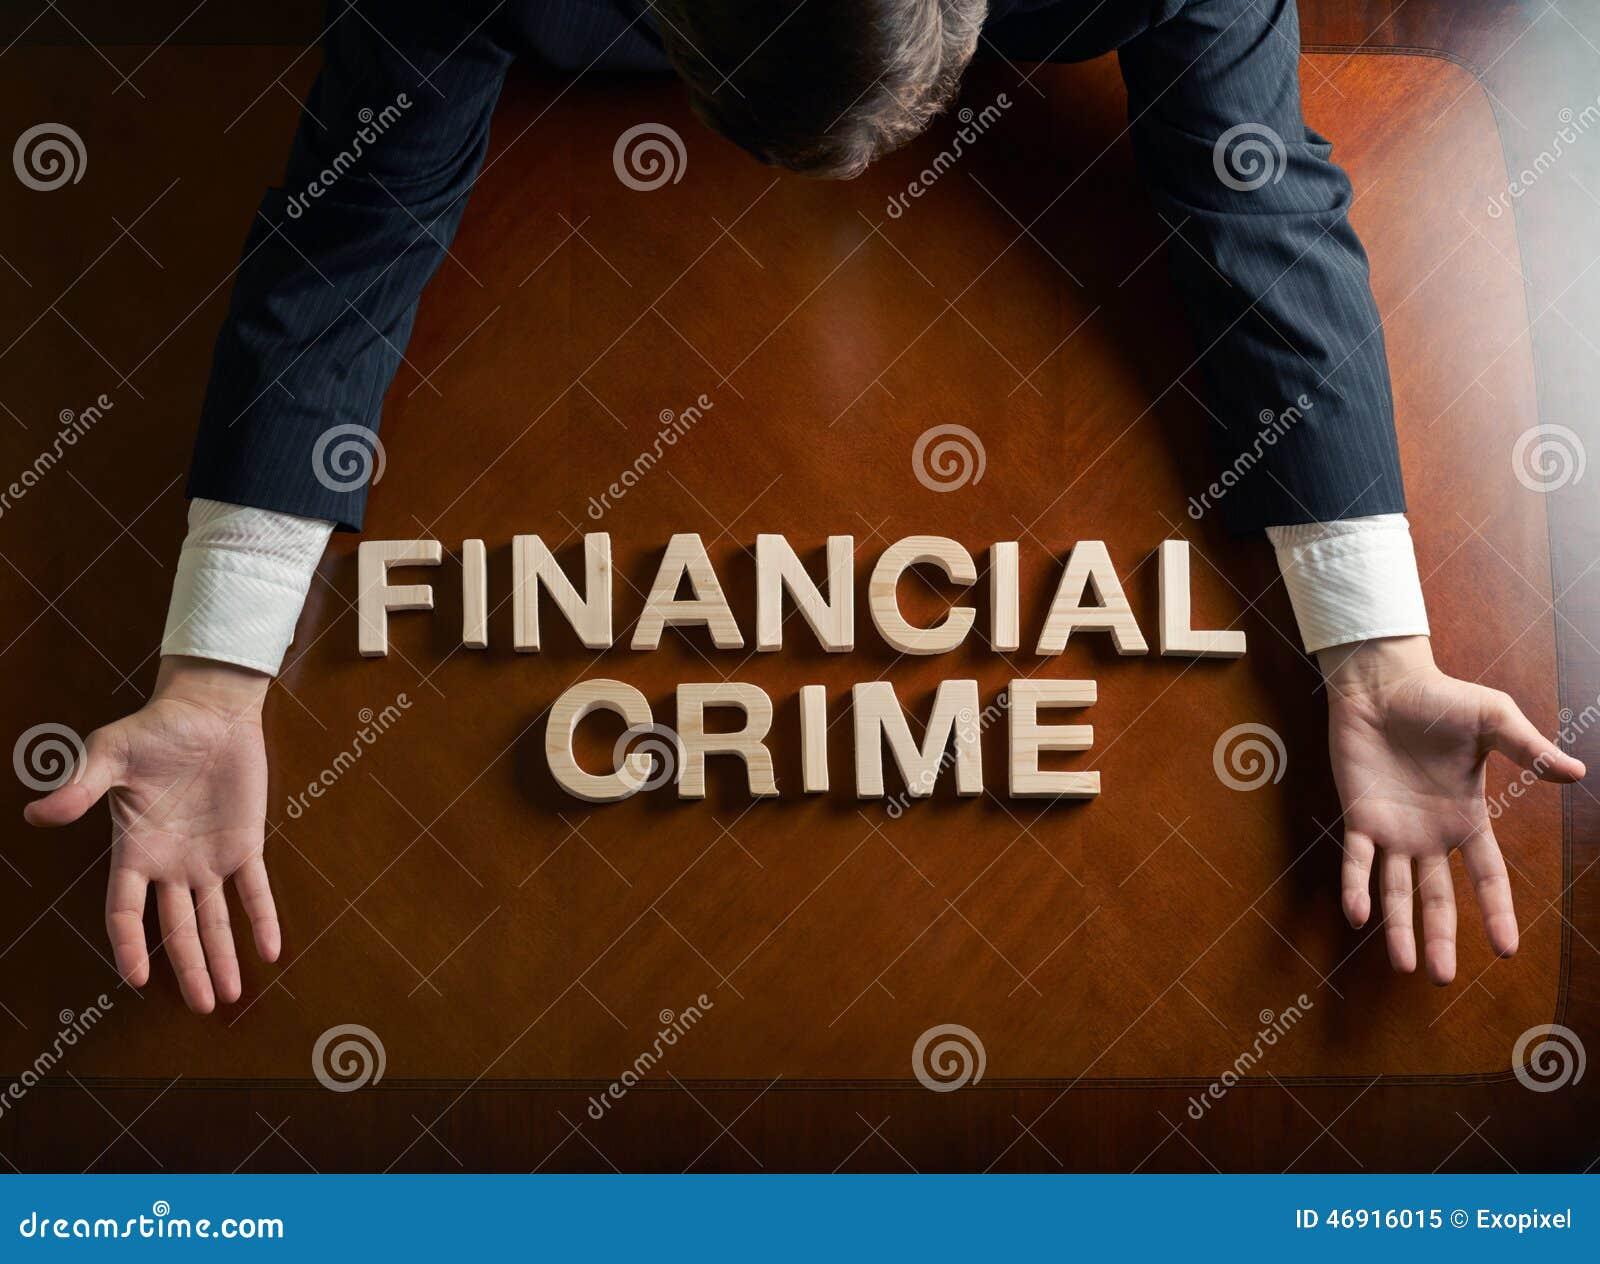 Crimen Financiero De La Frase Y Hombre Devastado Imagen De